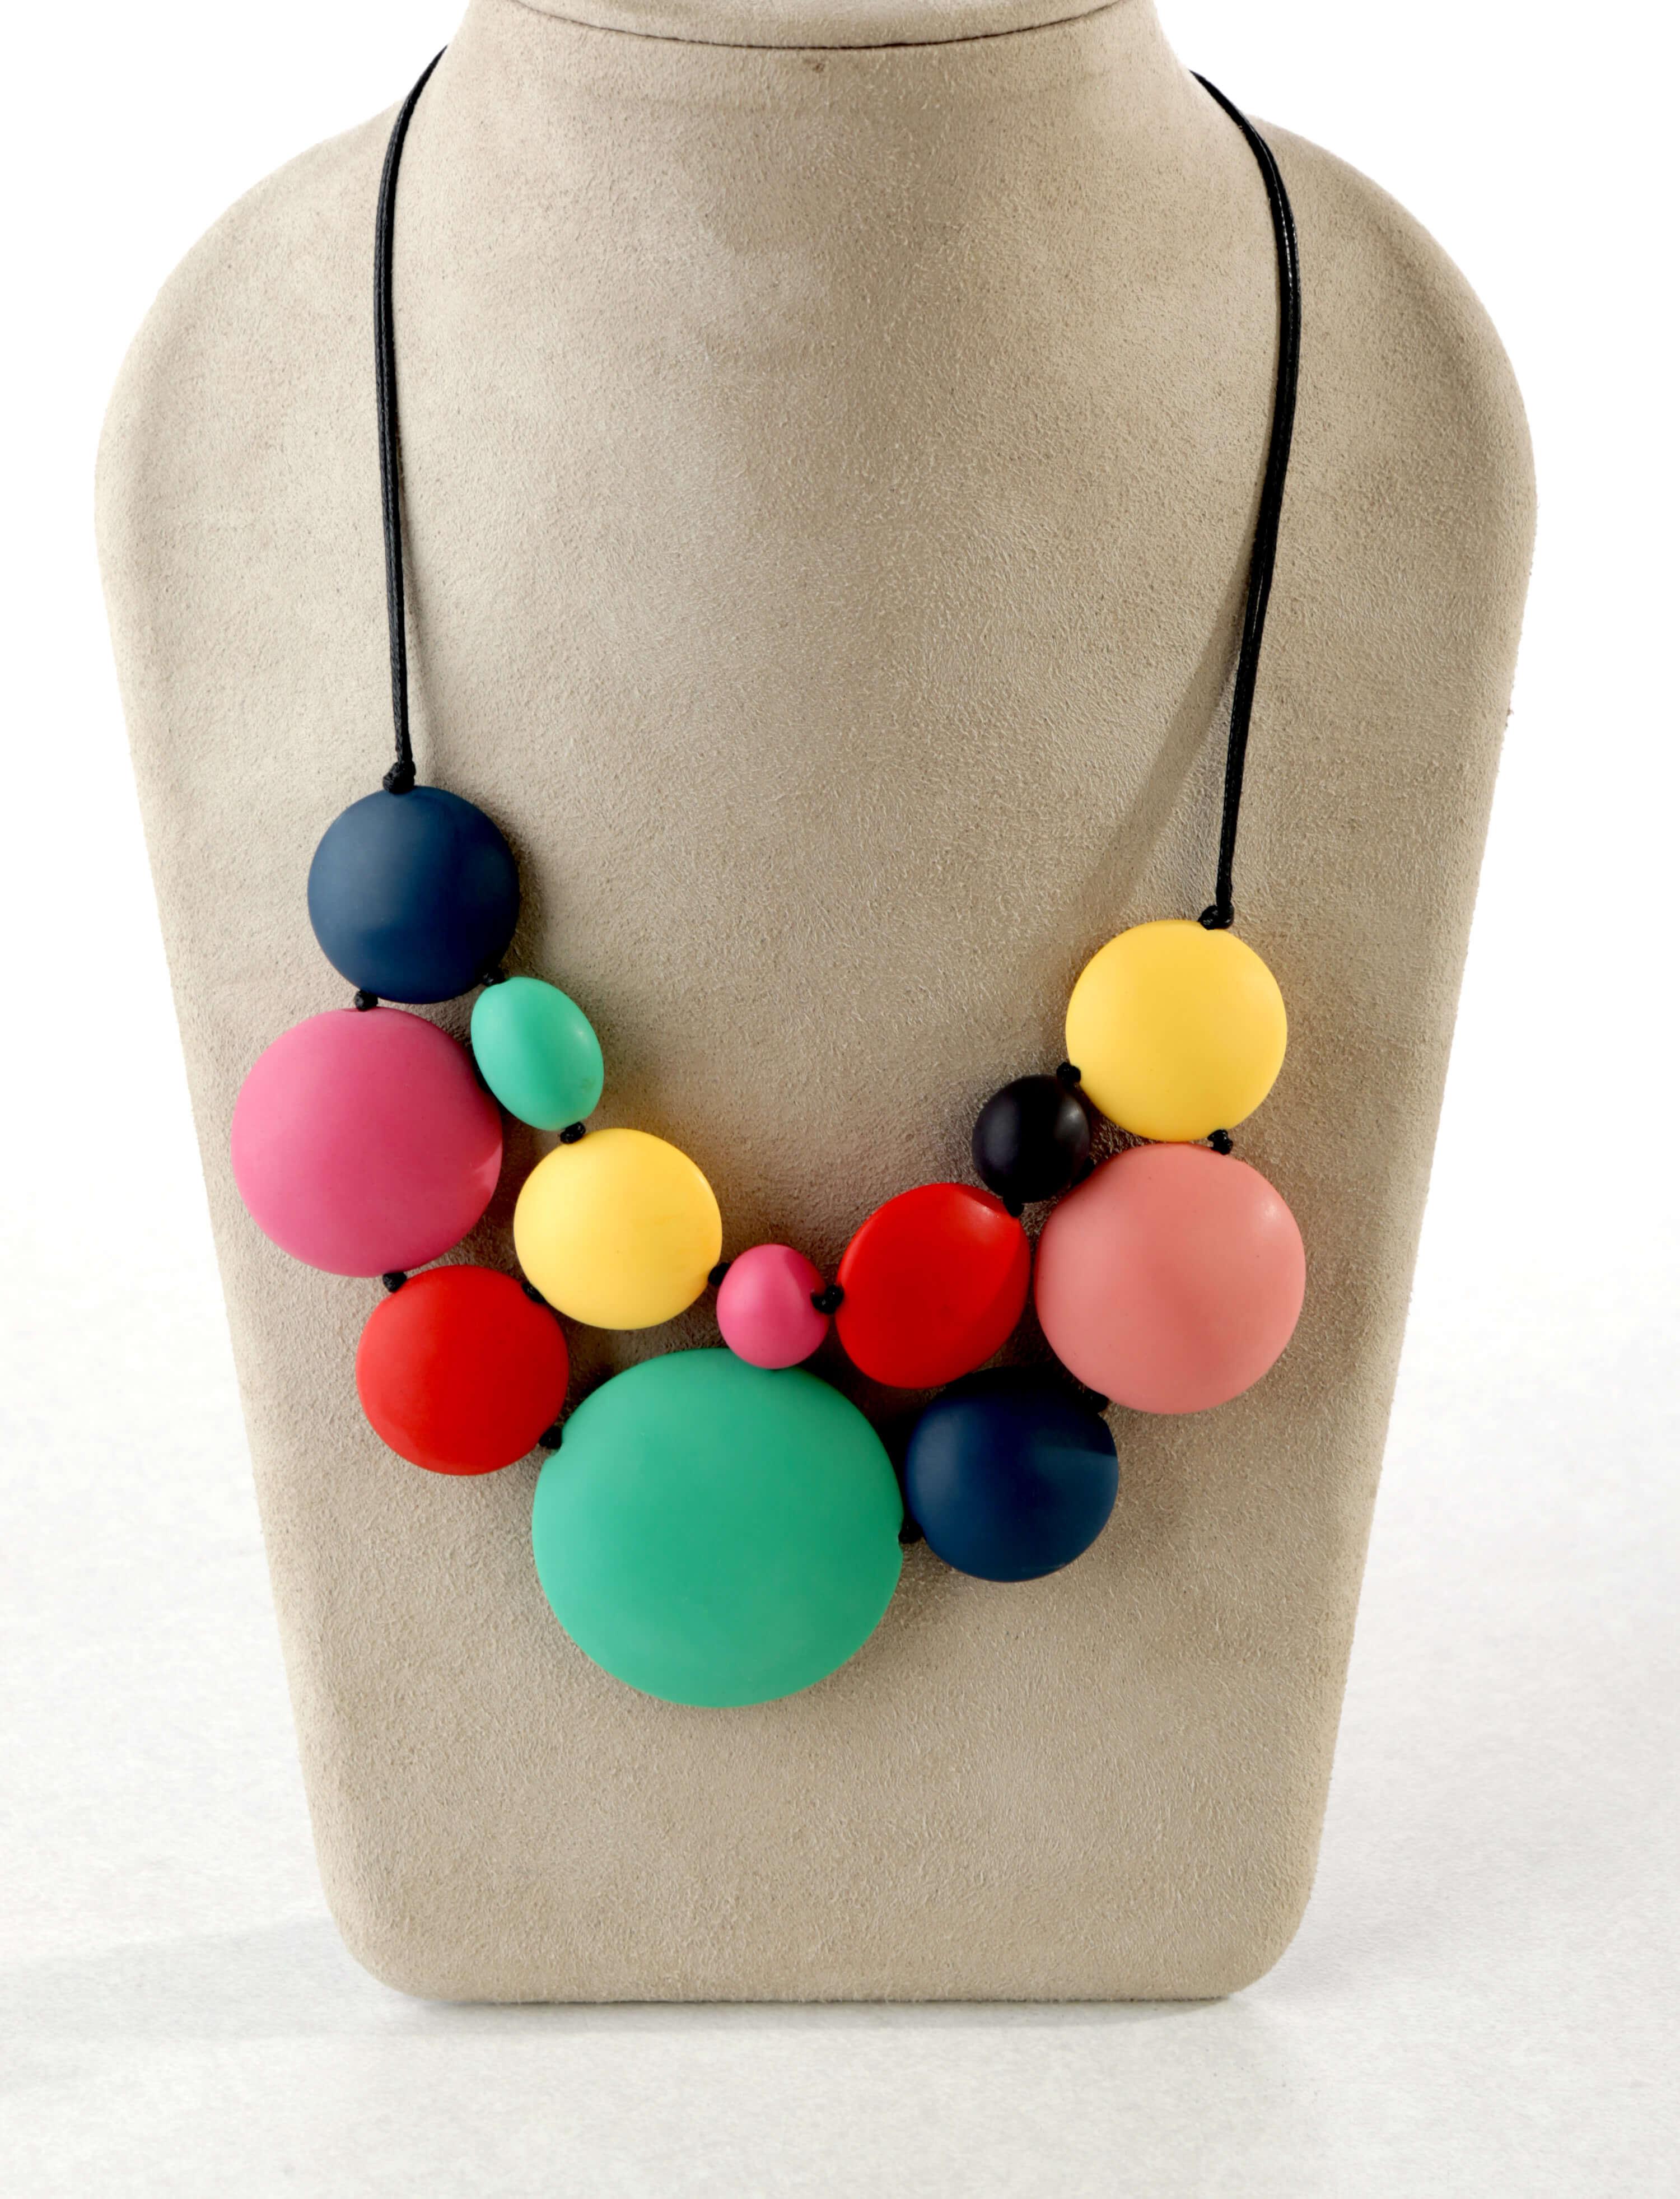 Carousel bubblegum necklace